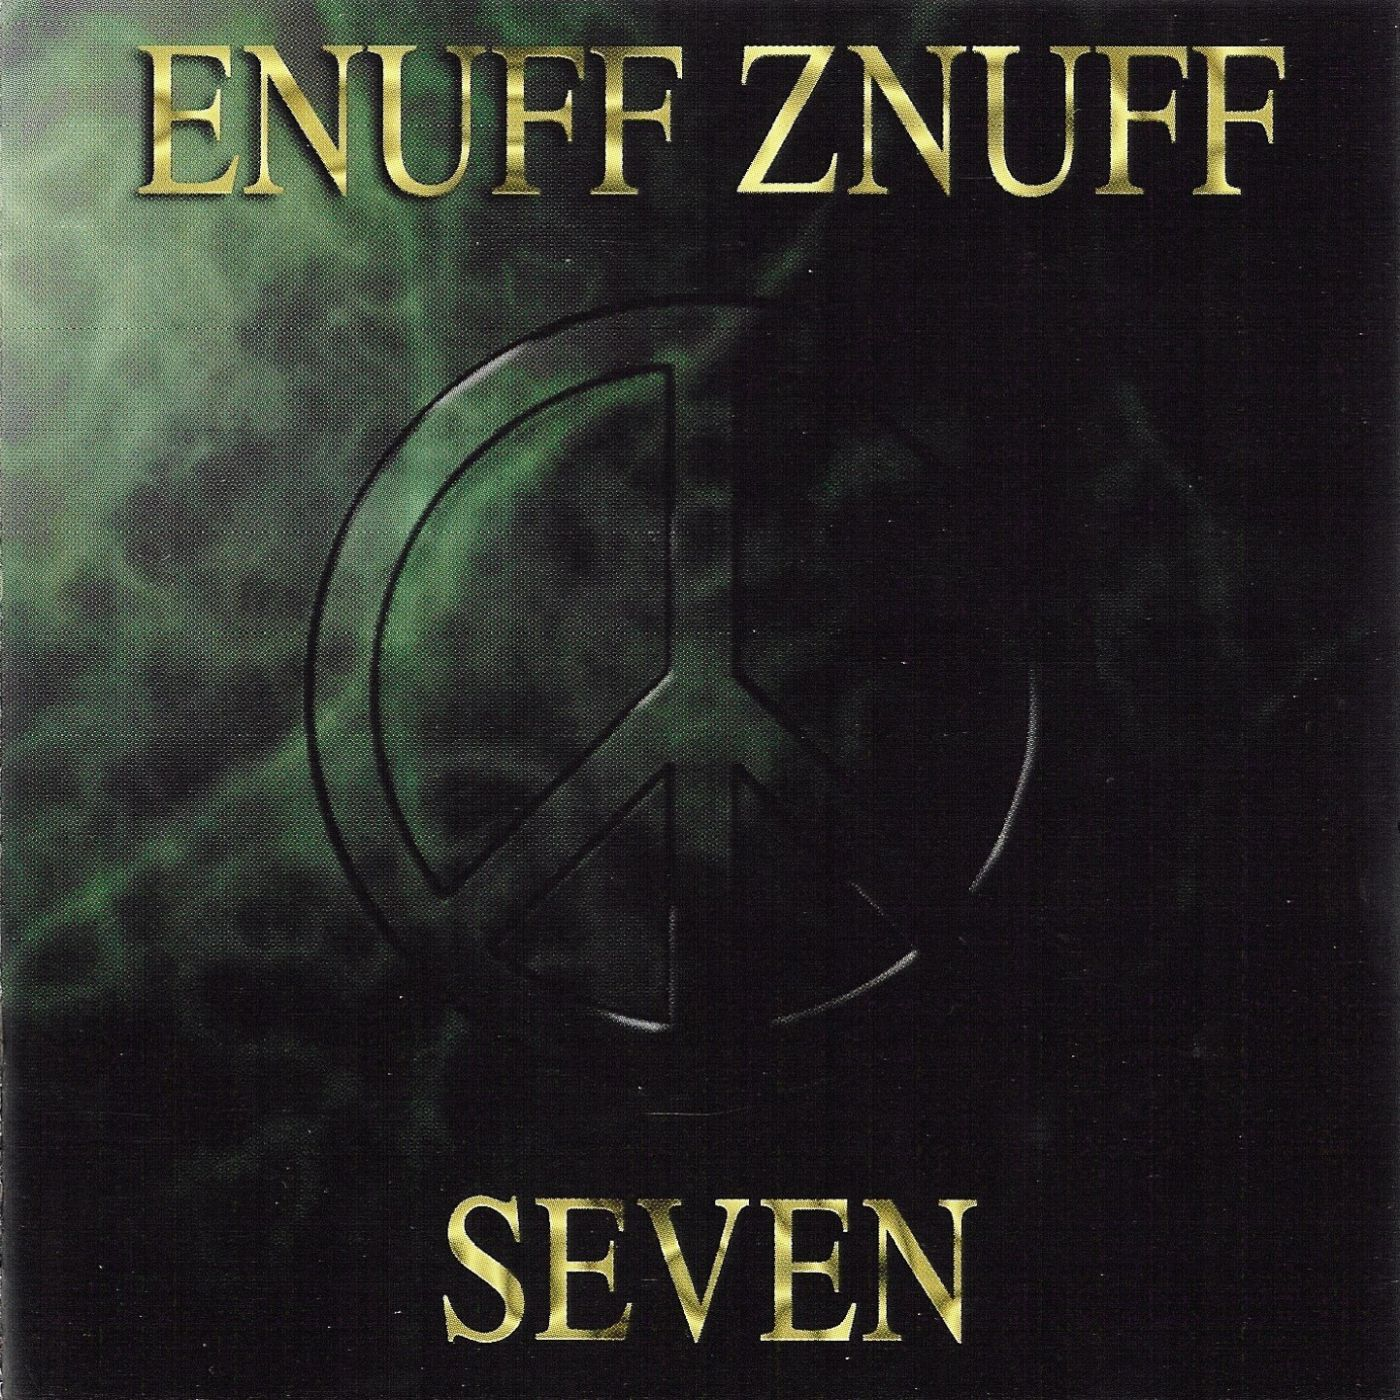 Enuff Z'Nuff,una banda sin suerte.... - Página 2 EnuffZnuffSeven19971741_f